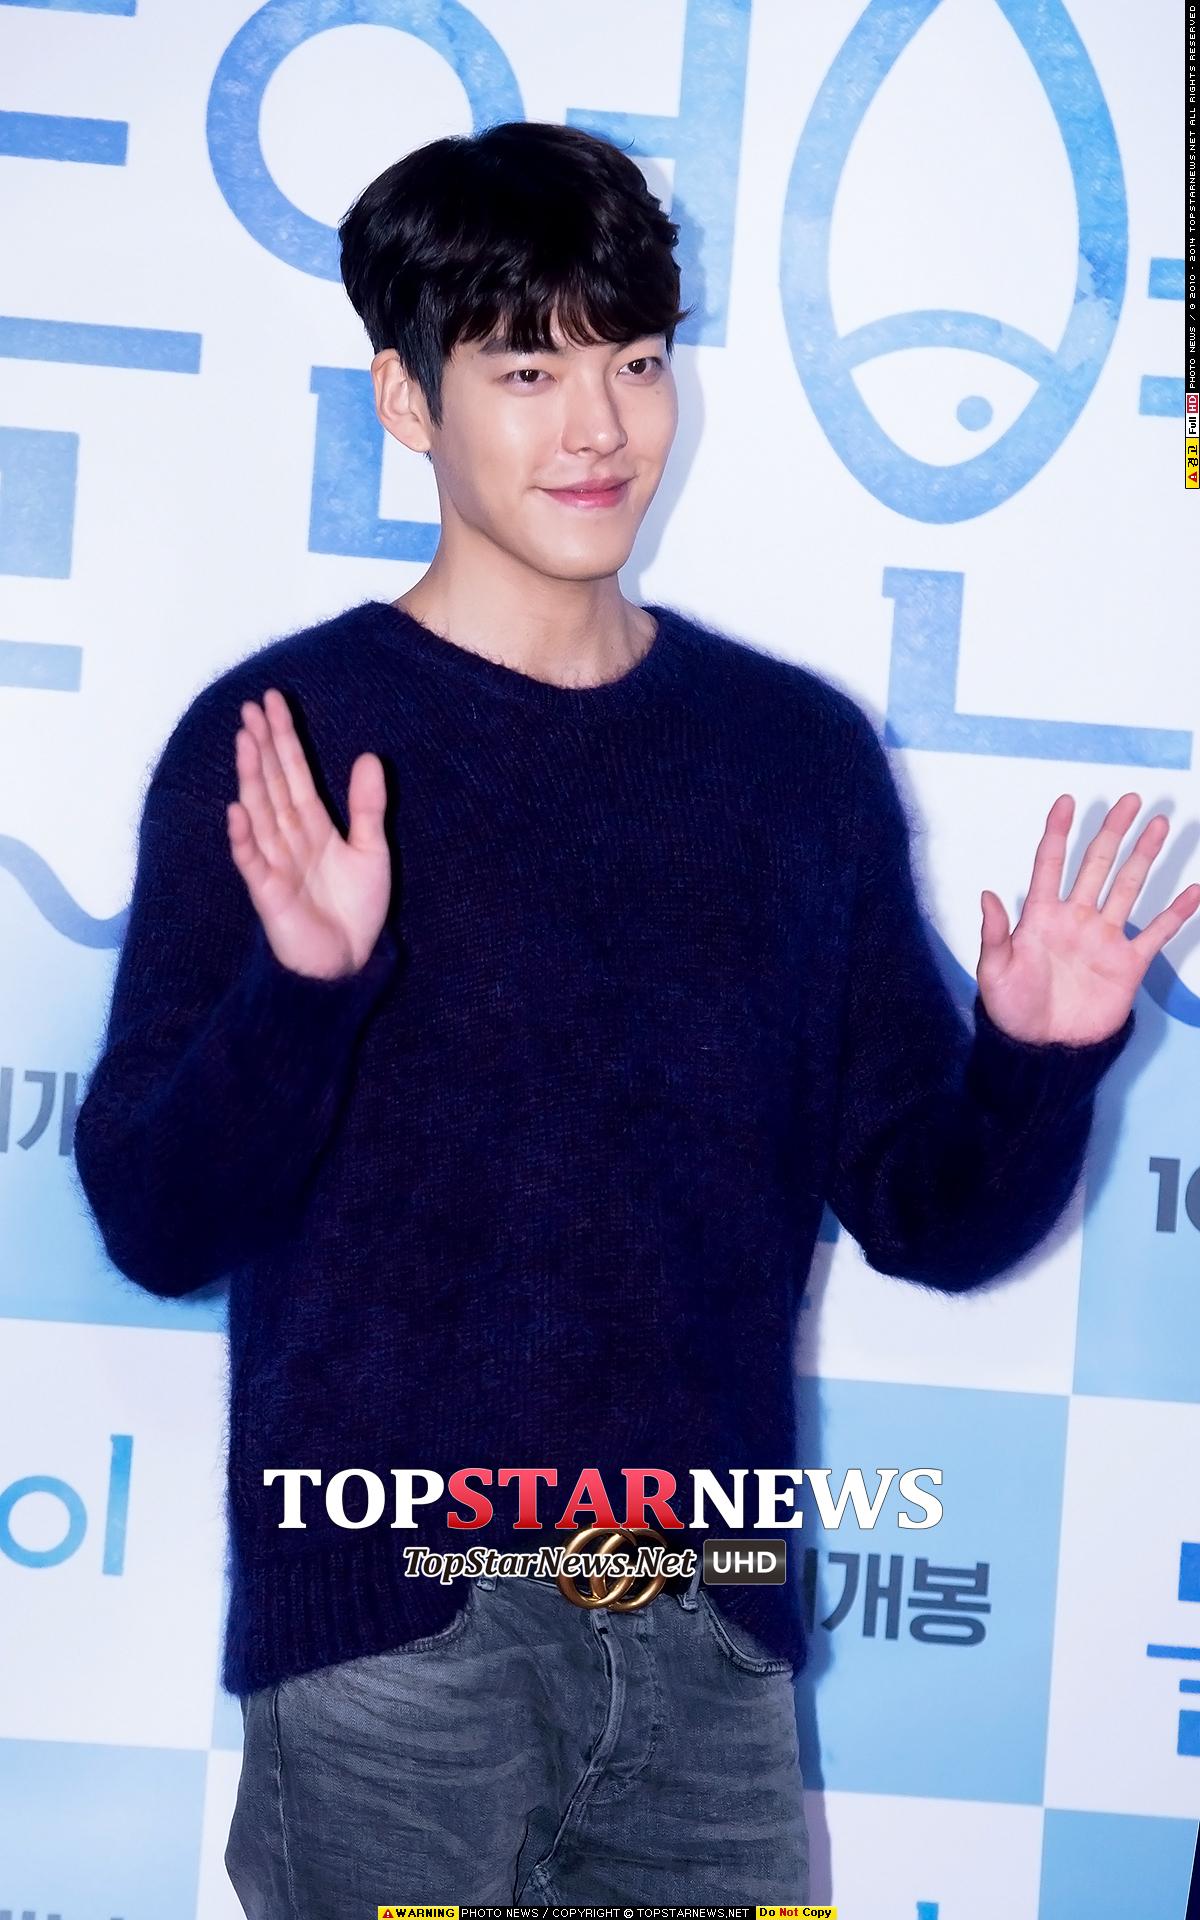 以上就是韓國媒體推薦的「2016年不看會後悔的4部KBS戲劇」啦♥除了《太陽的後裔》之外,大家也要記得看其他三部呦~~